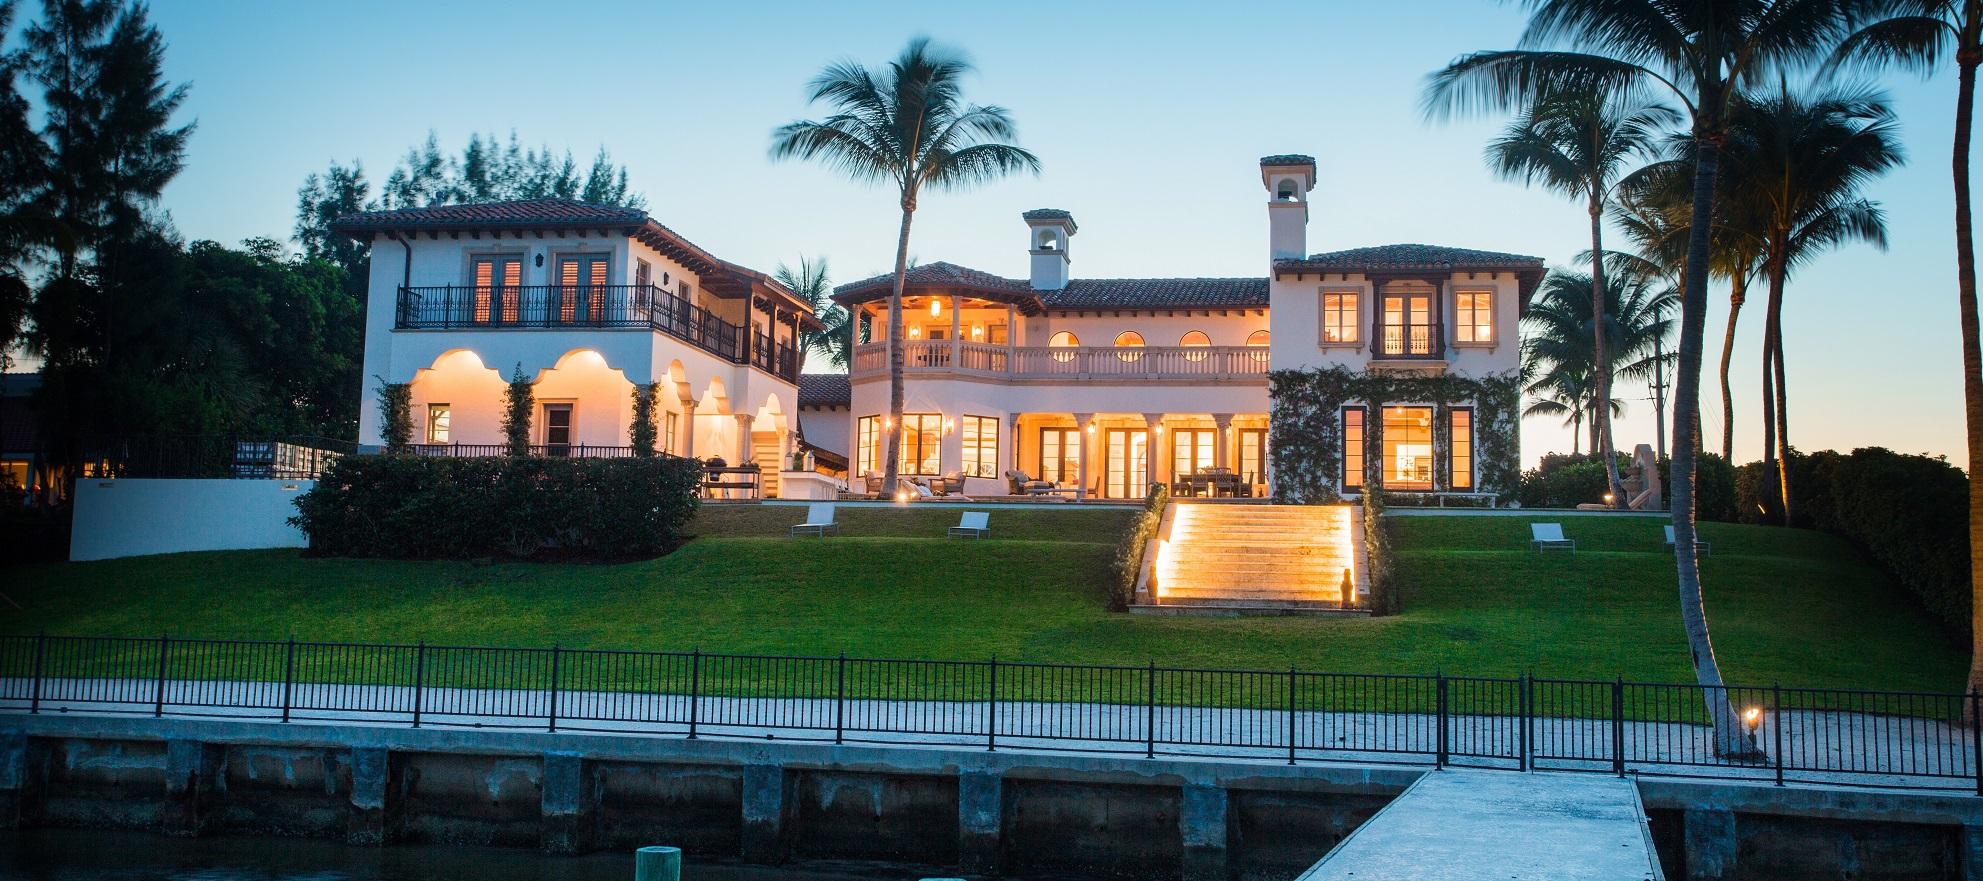 Luxury listing: Modern Mediterranean waterfront estate